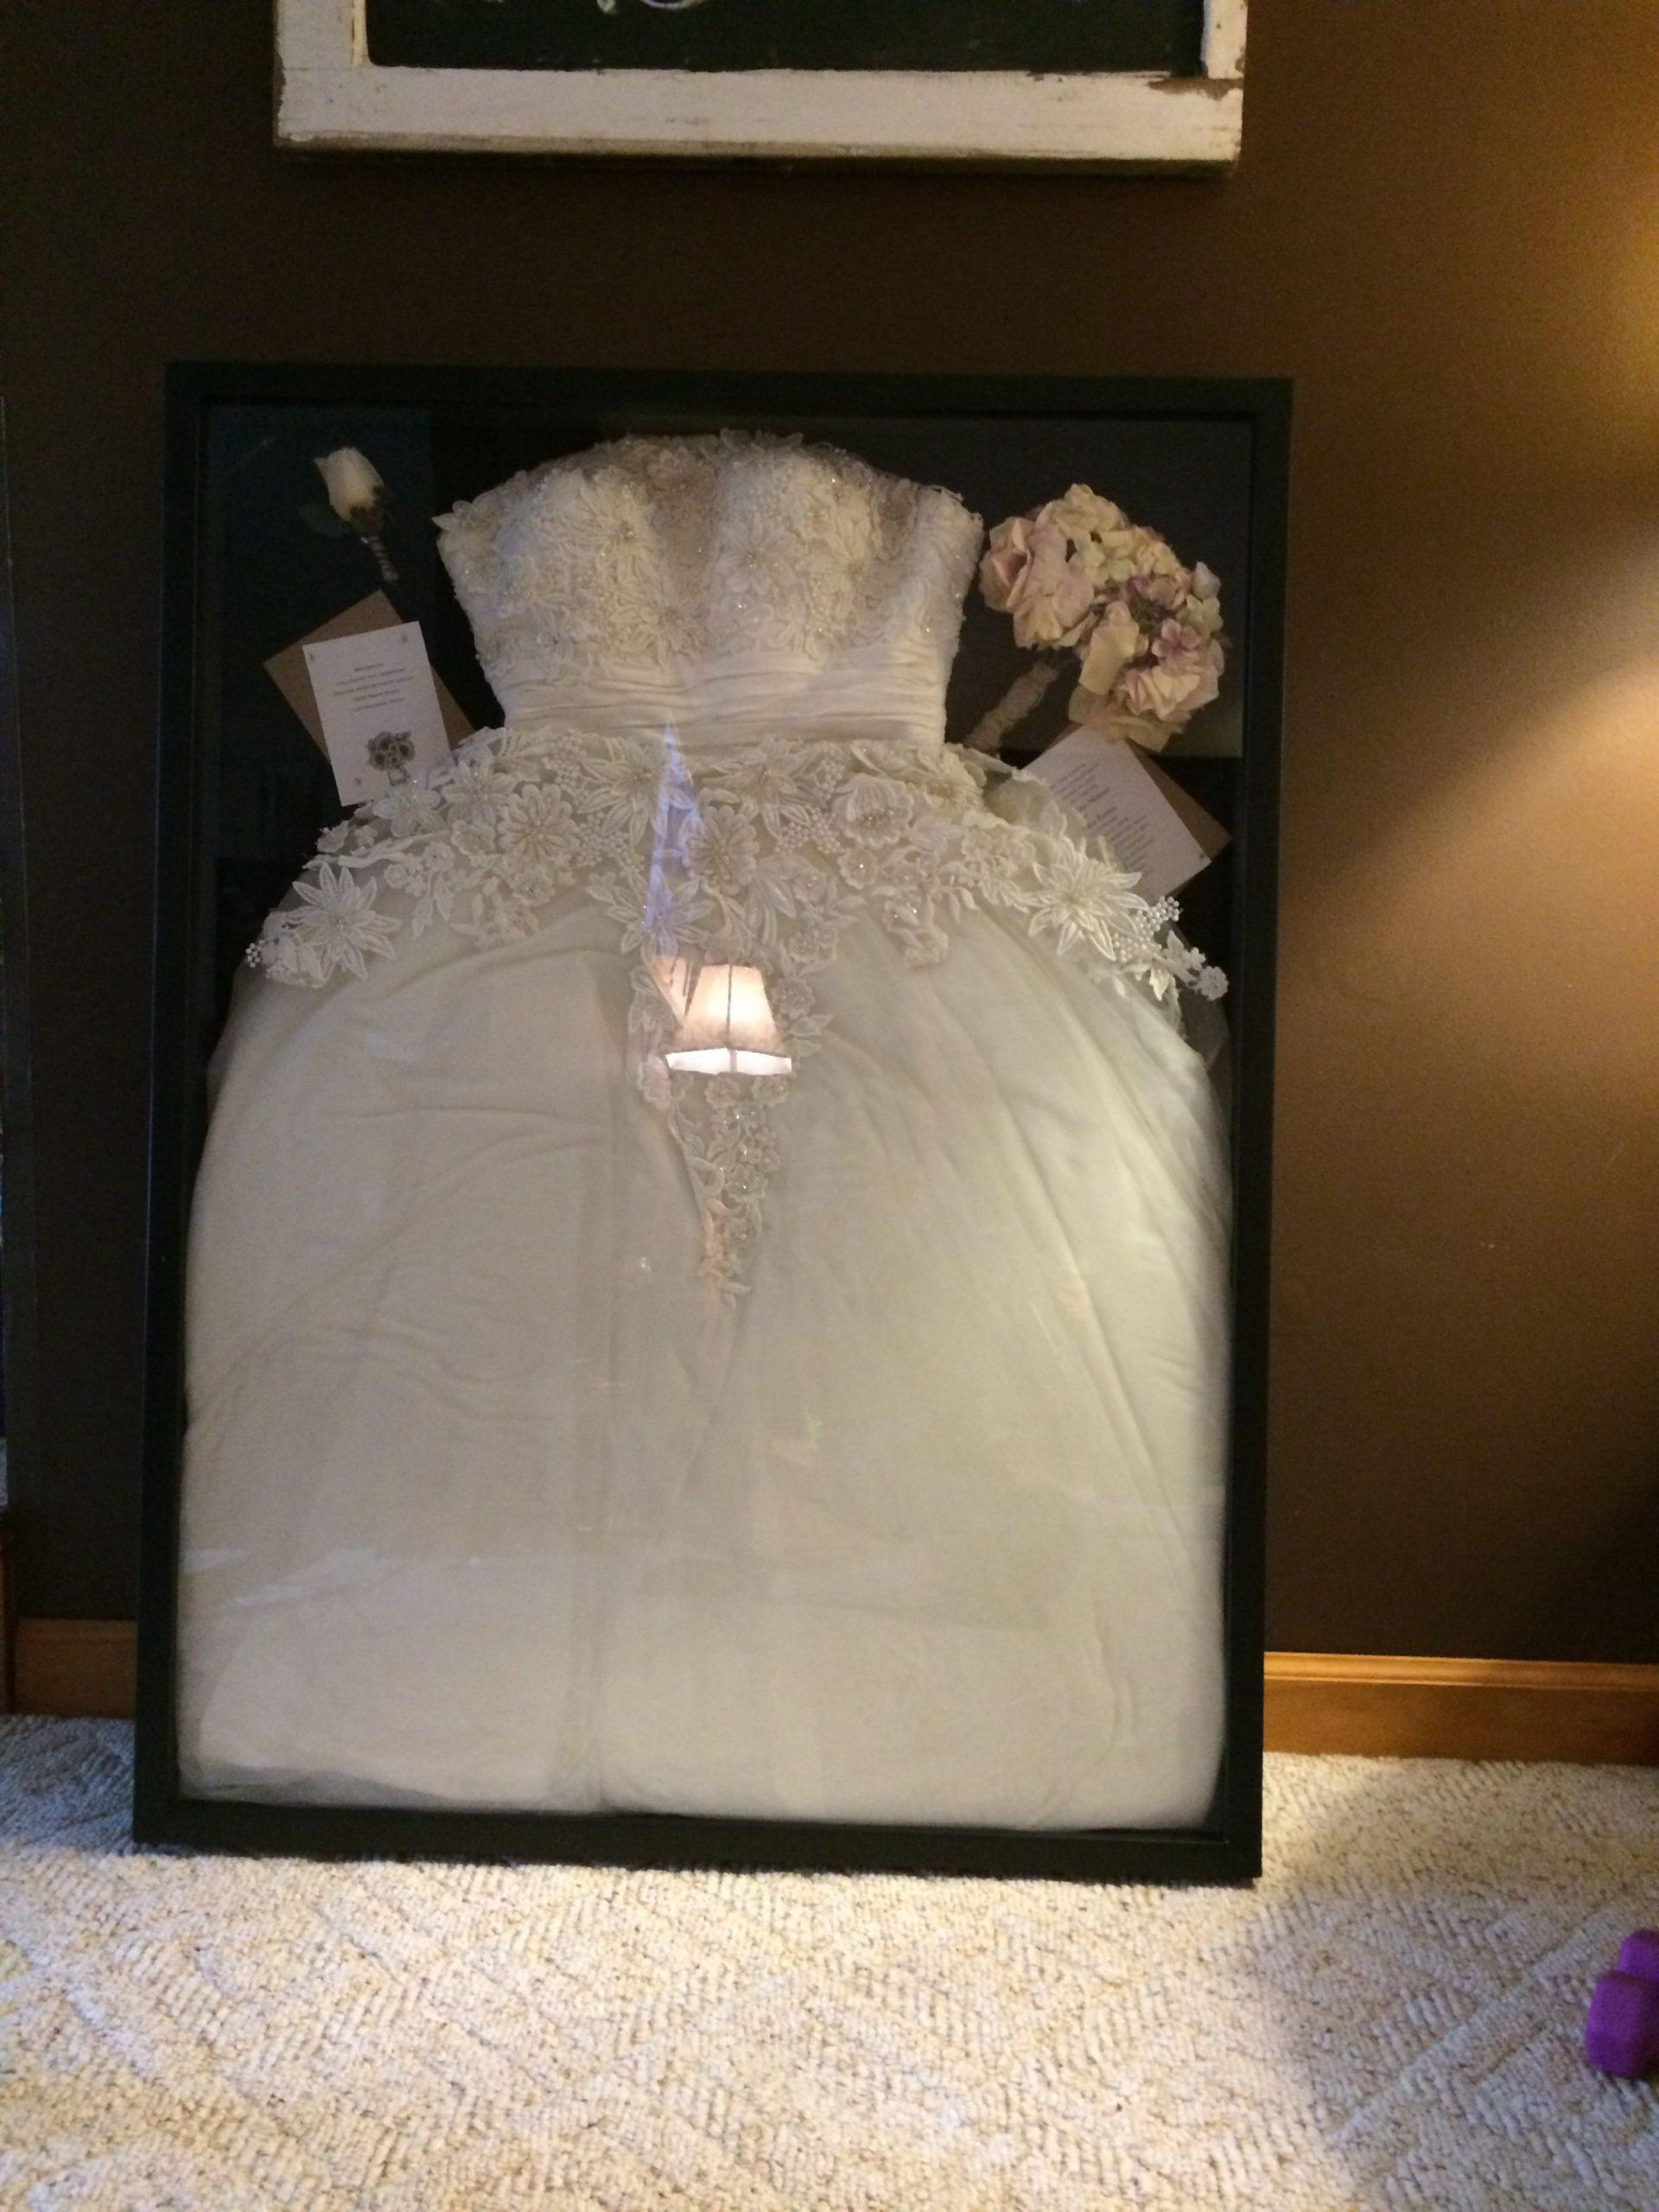 Hochzeitskleid Im Bilder-Rahmen  Besser Als Im Schrank